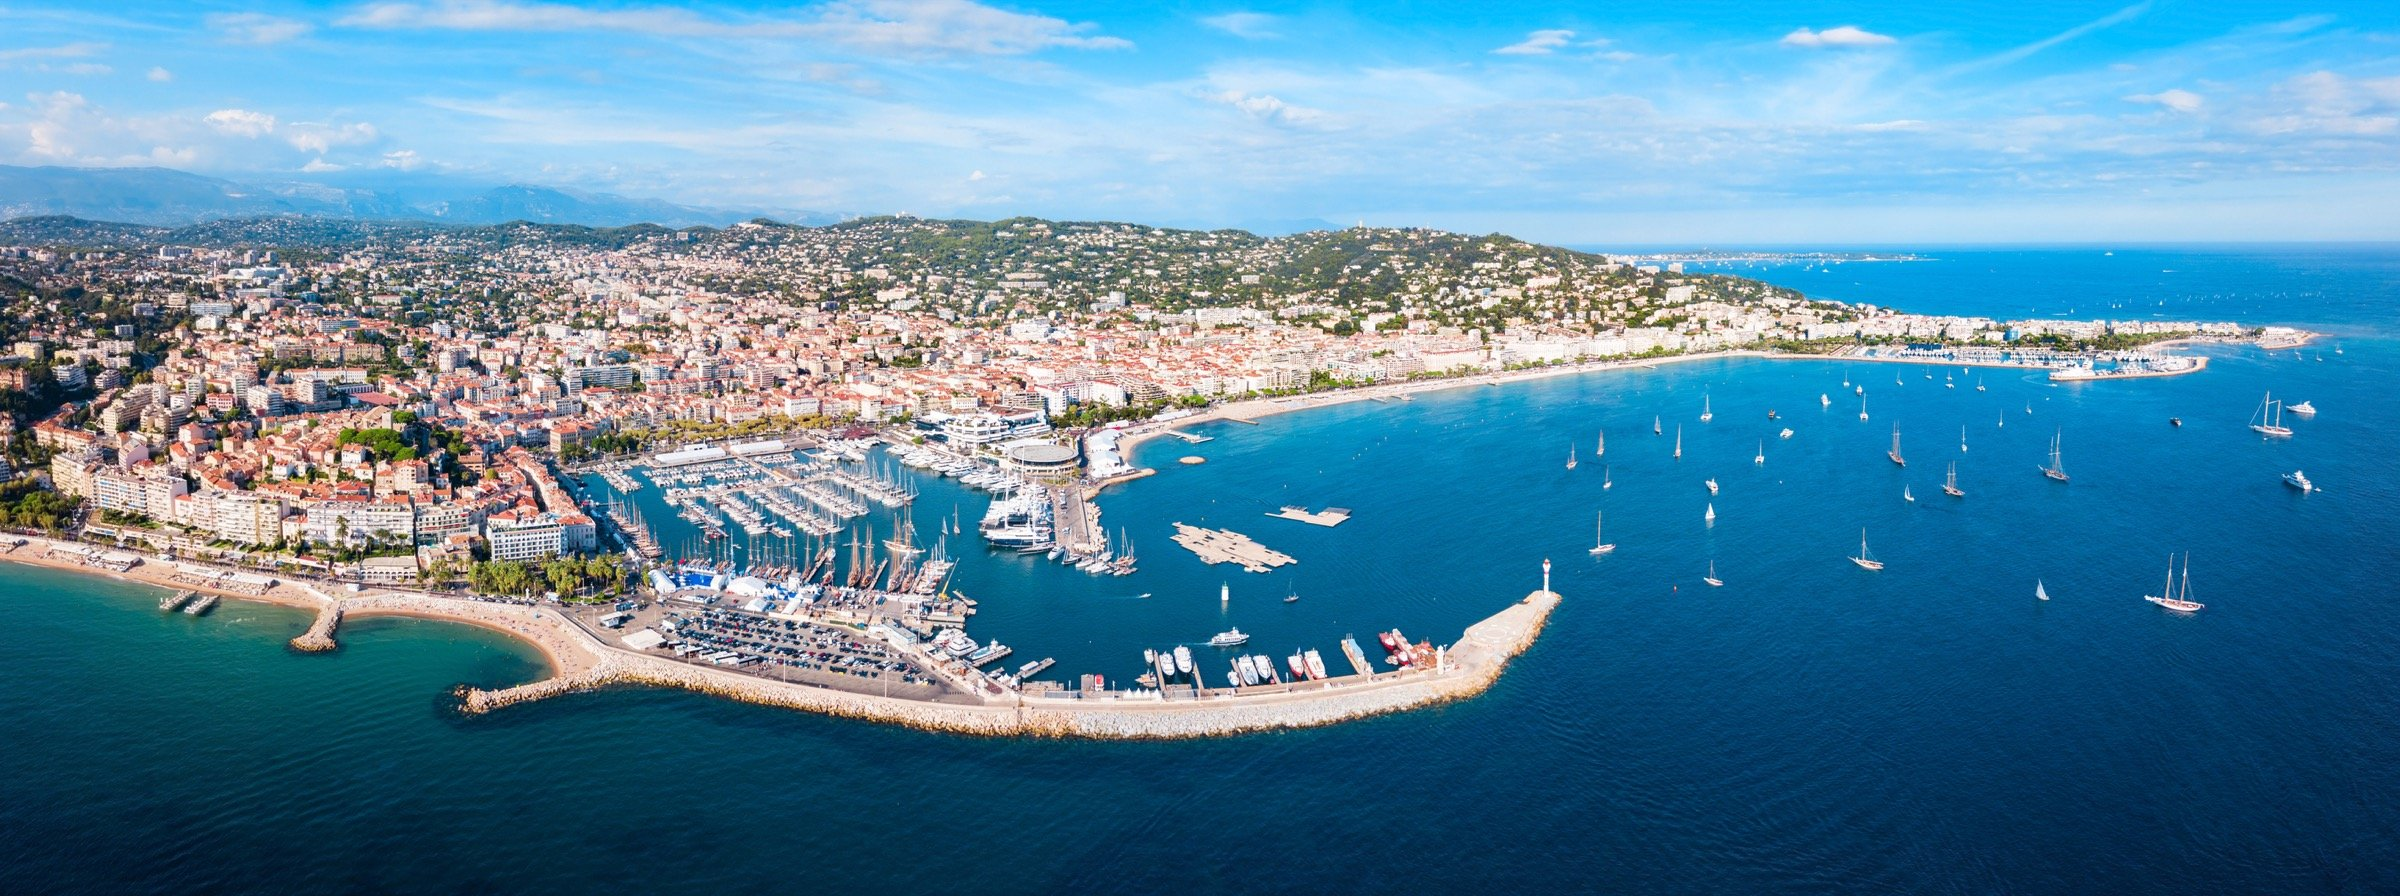 Tourisme à Cannes : louez un yacht de luxe